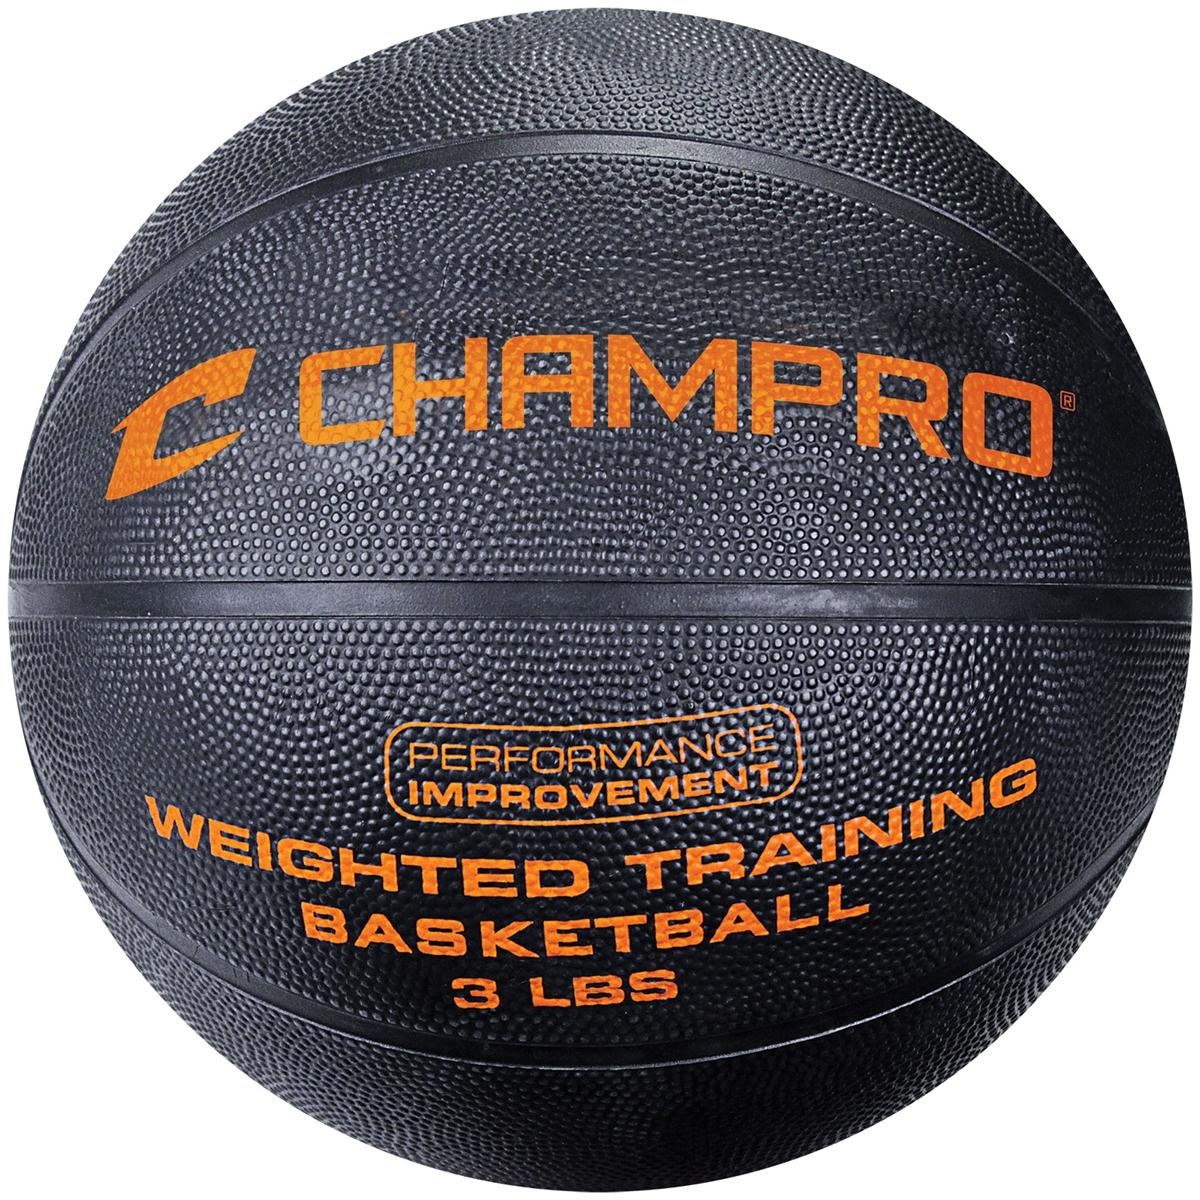 40e8f106b2b1 Champro Weighted Basketball